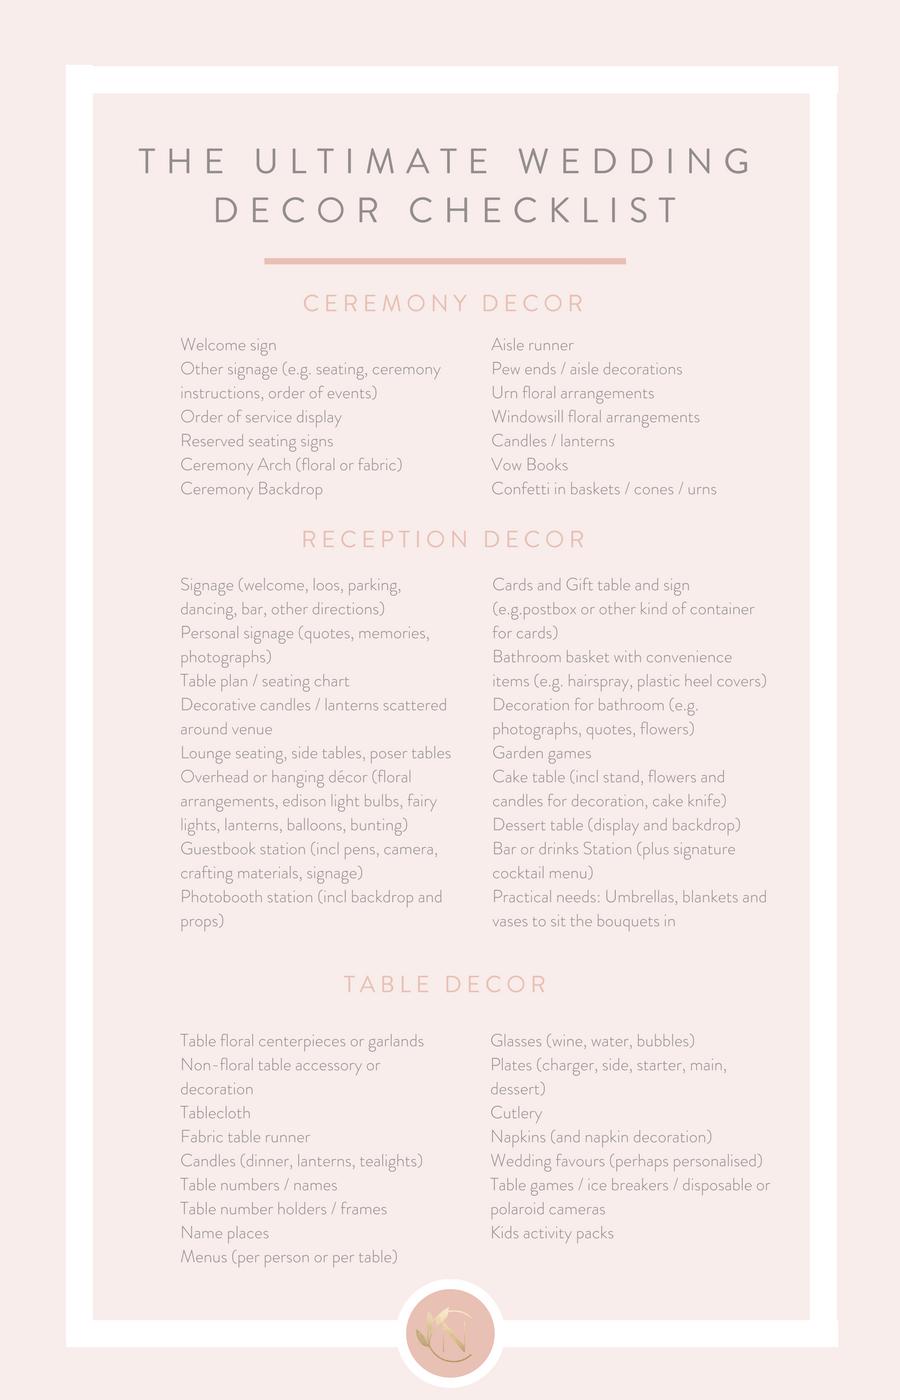 Die ultimative Checkliste für Hochzeitsdekorationen, die keinen Stein auf dem anderen lässt   – moms wedding